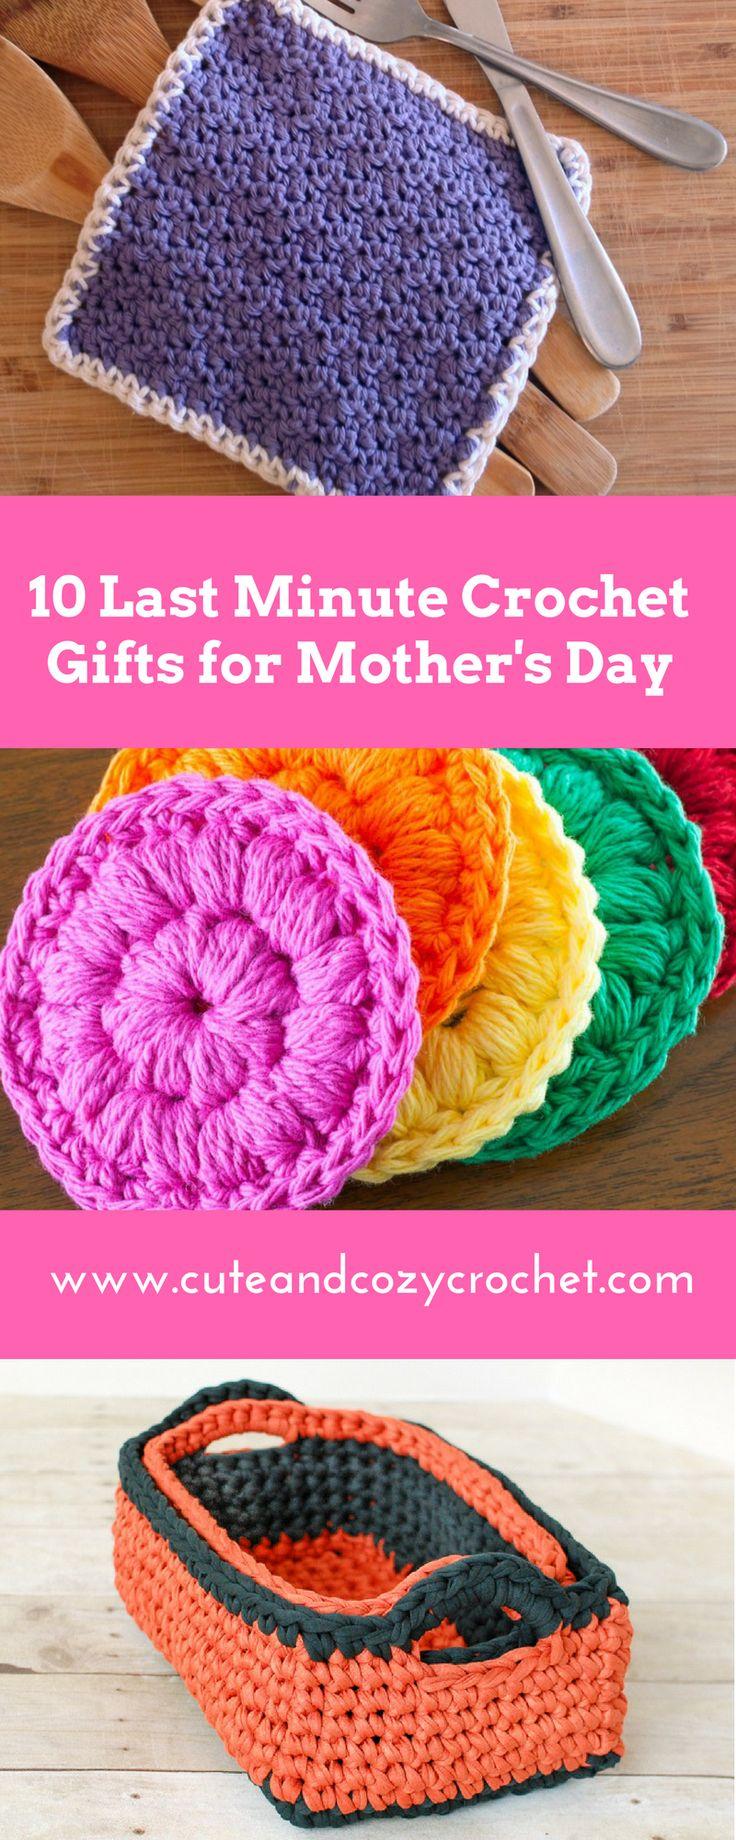 Best 25 crochet gifts ideas on pinterest diy crochet gifts 10 last minute crochet gifts for mothers day bankloansurffo Gallery